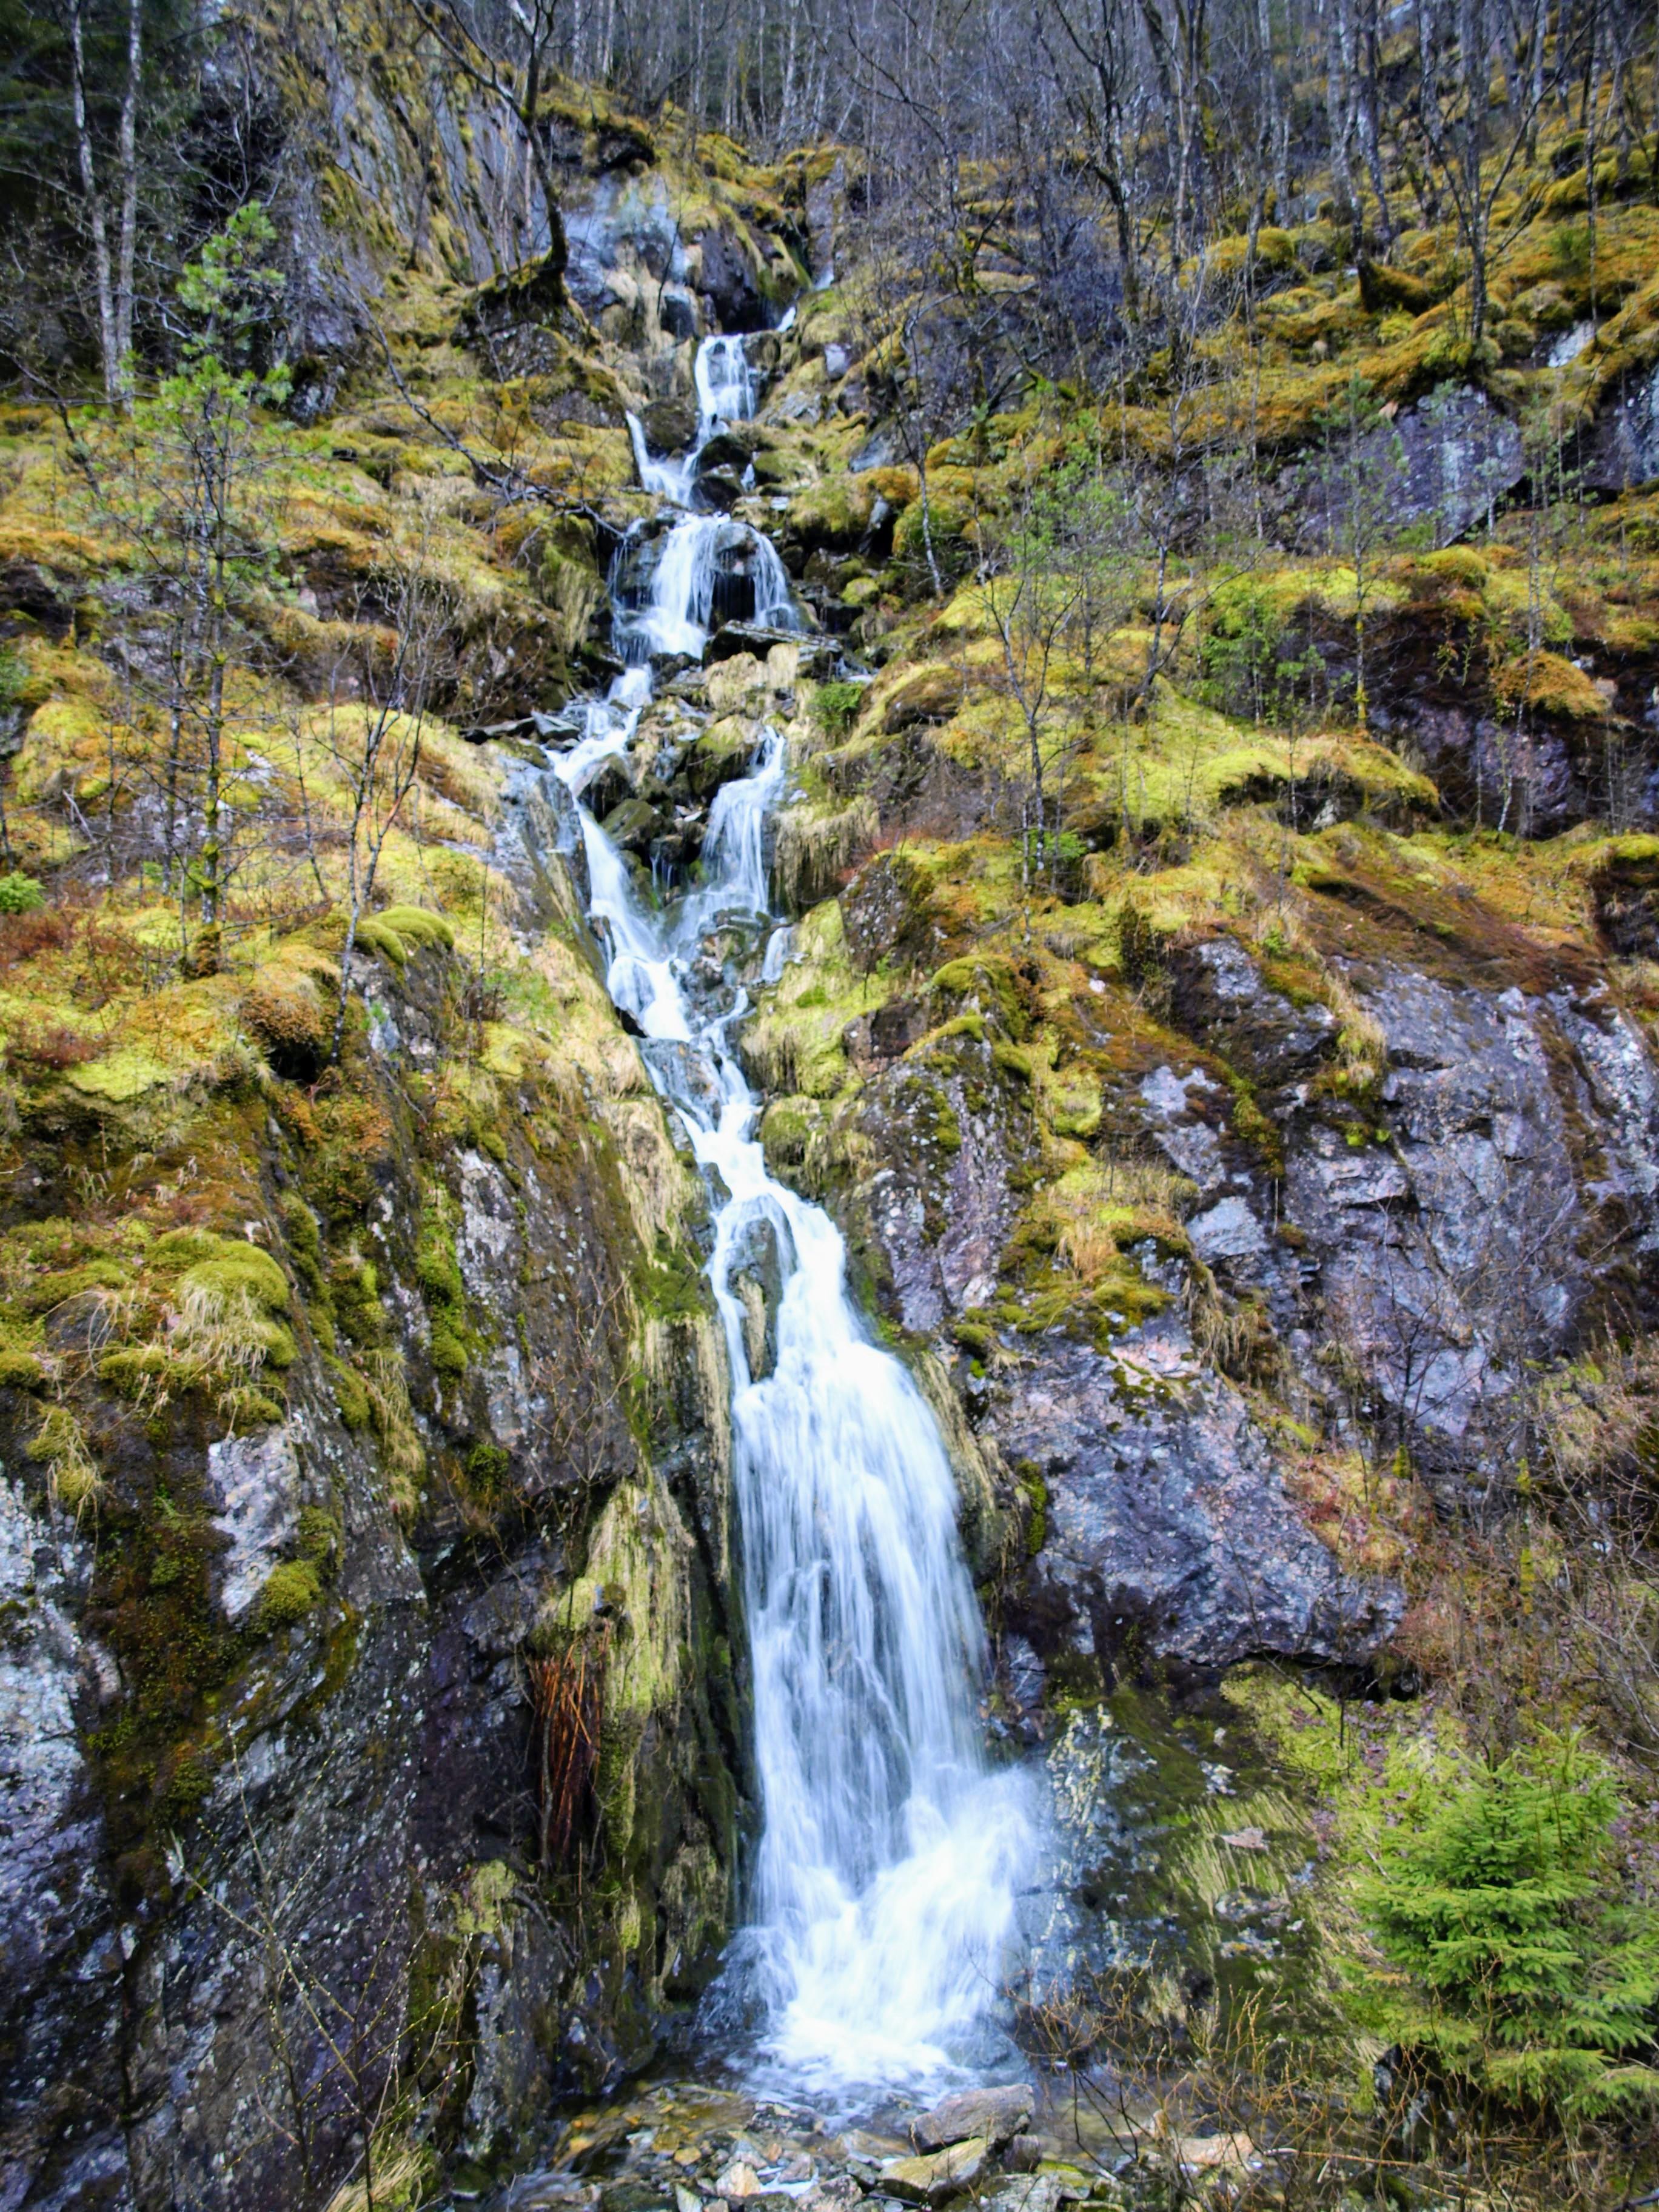 Malý vodopád kousek od odpočívadla u Bolstadfjorden